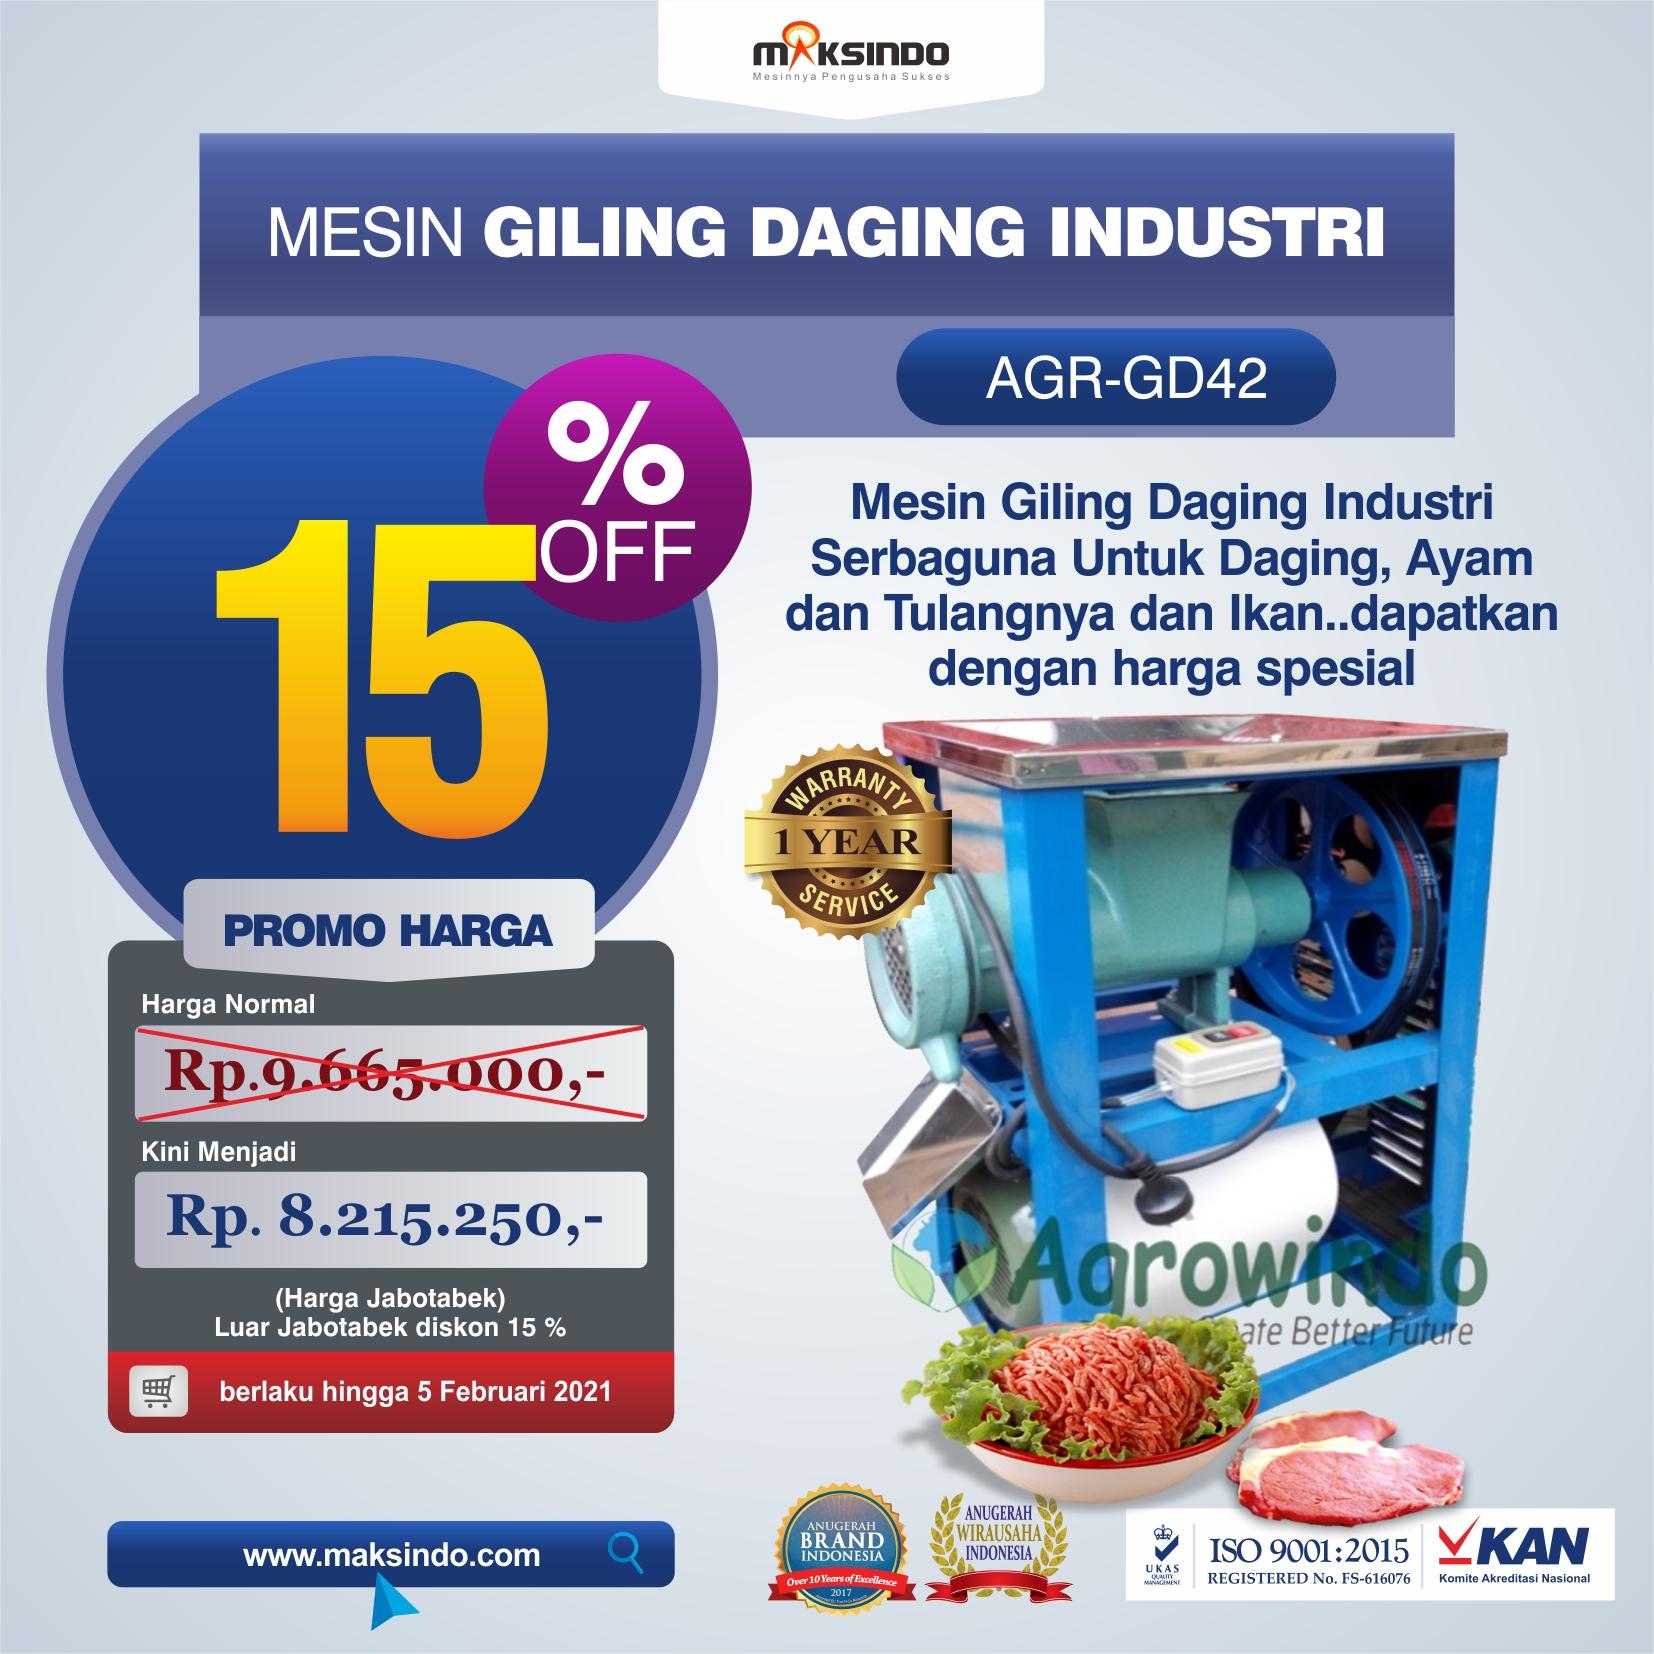 Jual Mesin Giling Daging Industri (AGR-GD42) di Makassar